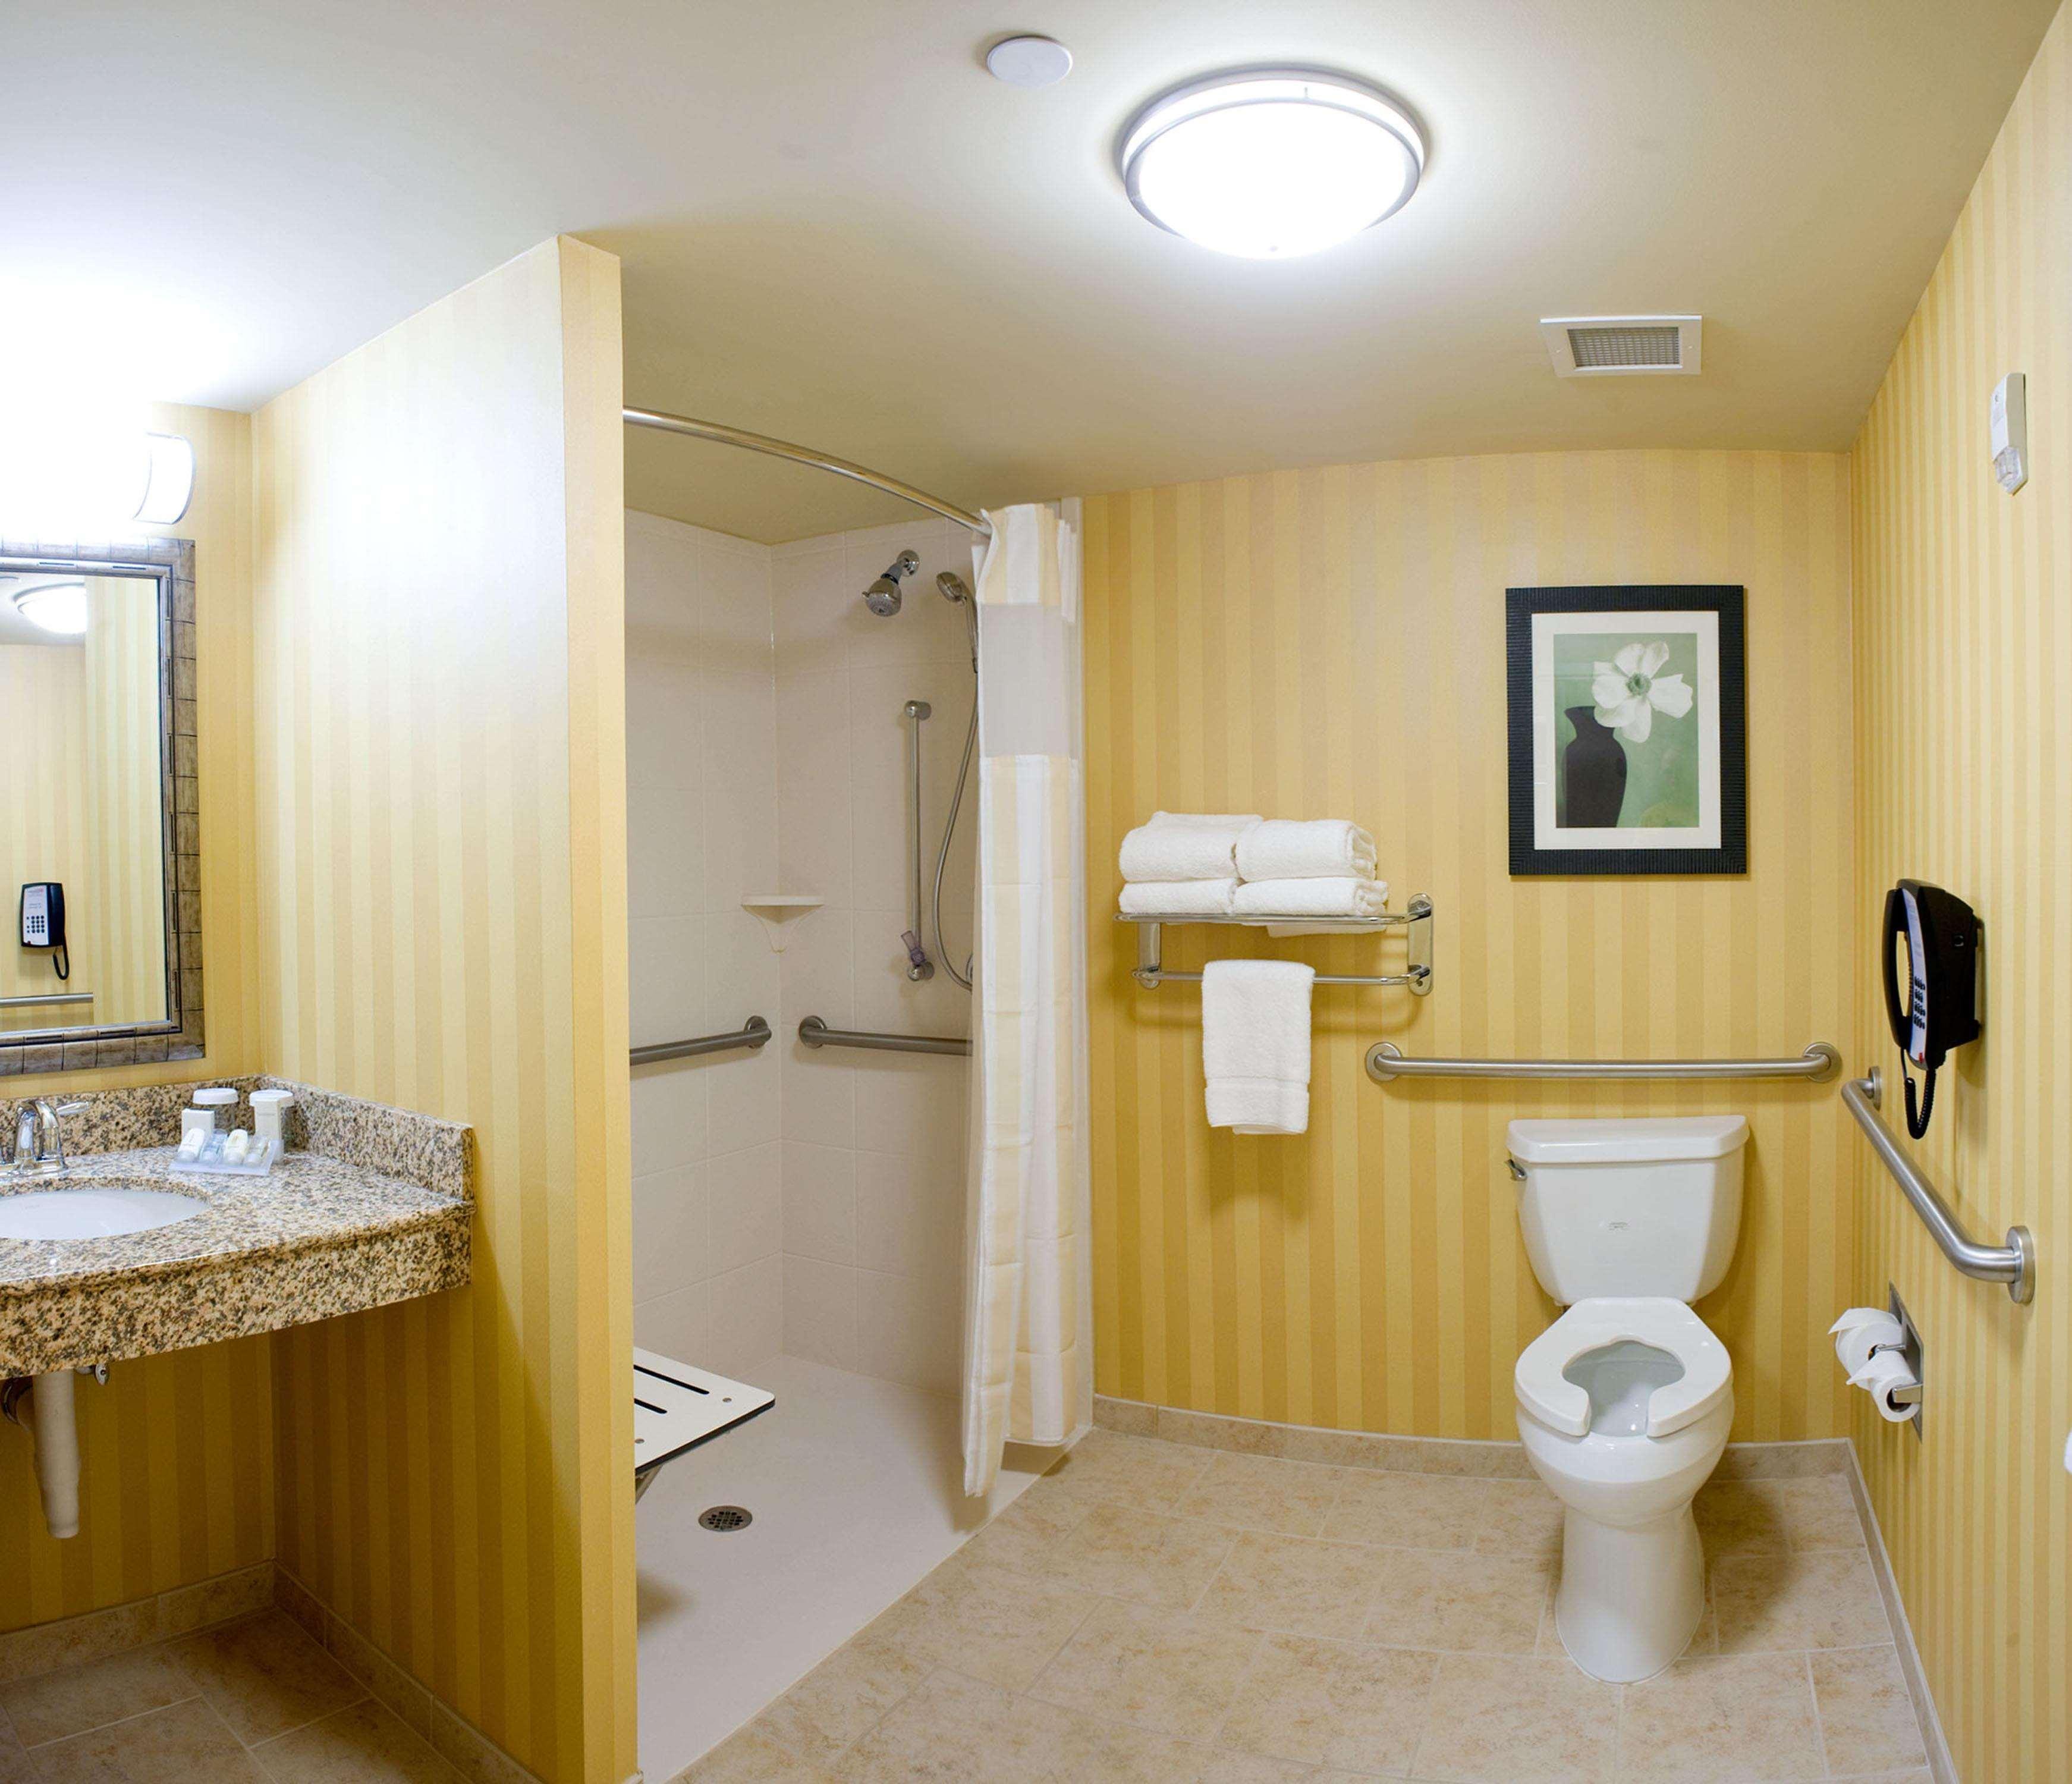 Hilton Garden Inn Pensacola Airport - Medical Center image 28